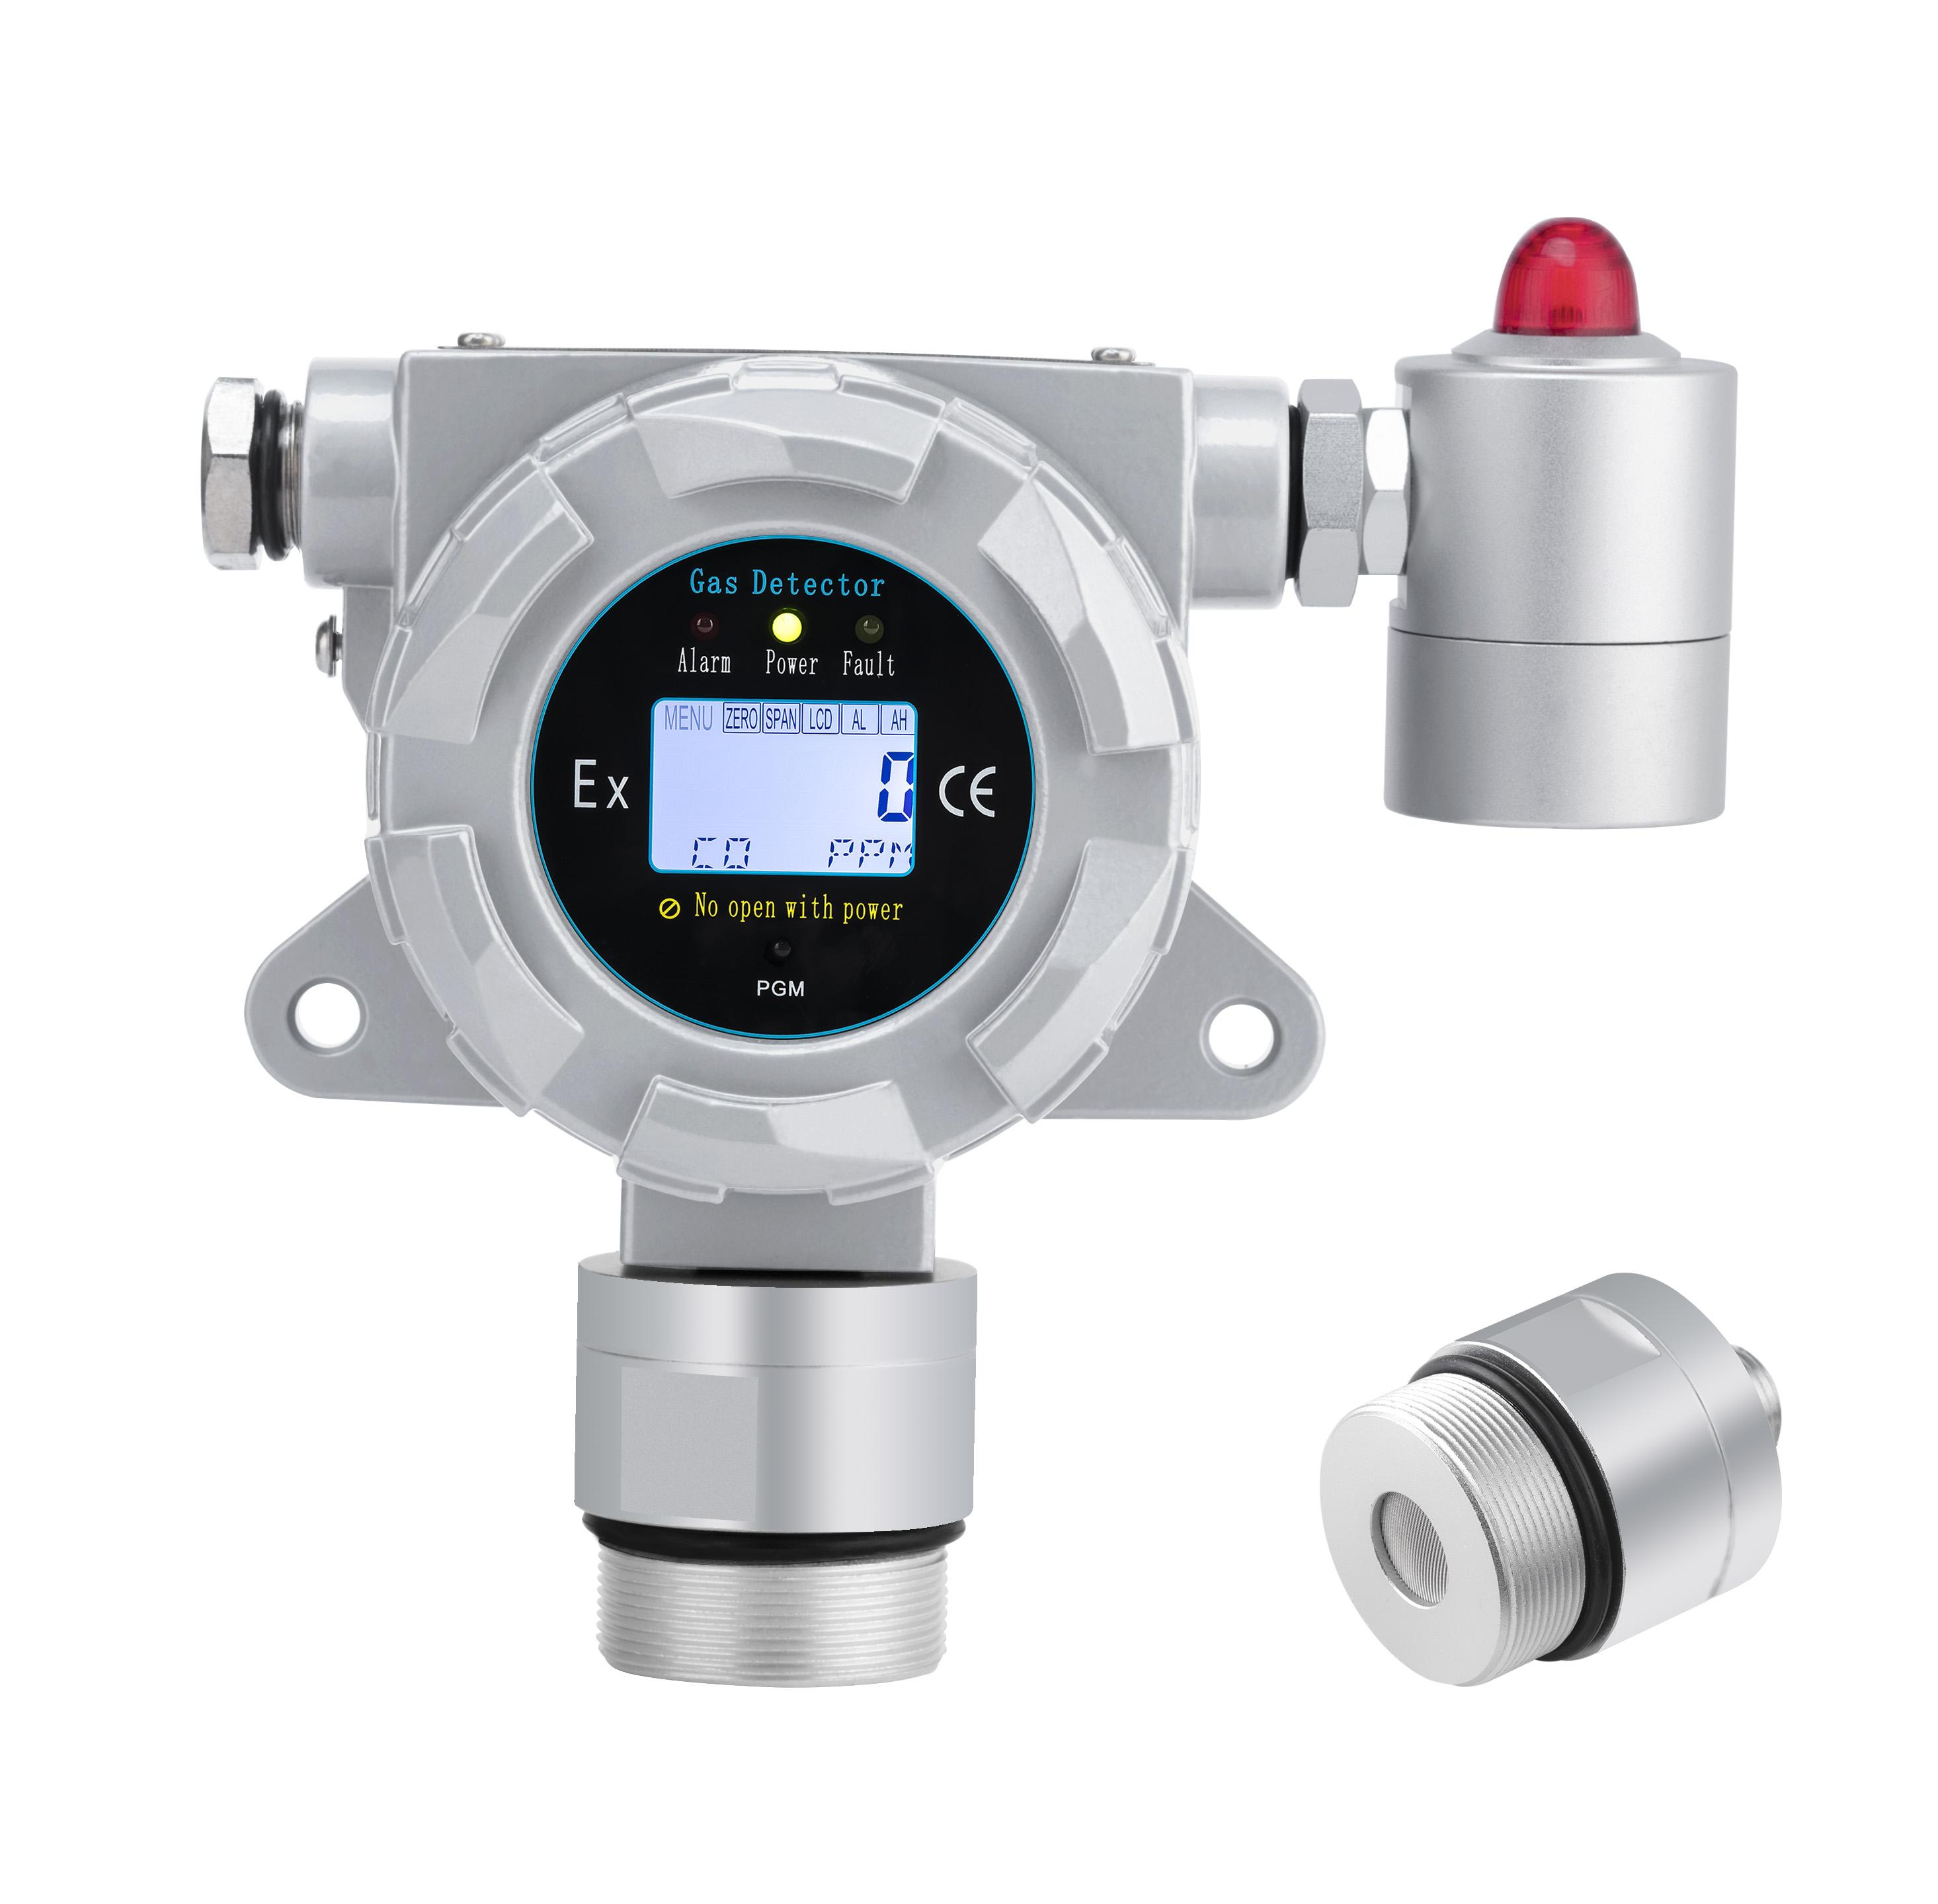 管道式二氧化碳气体报警器厂家排名-防爆二氧化碳检测仪管道式安装